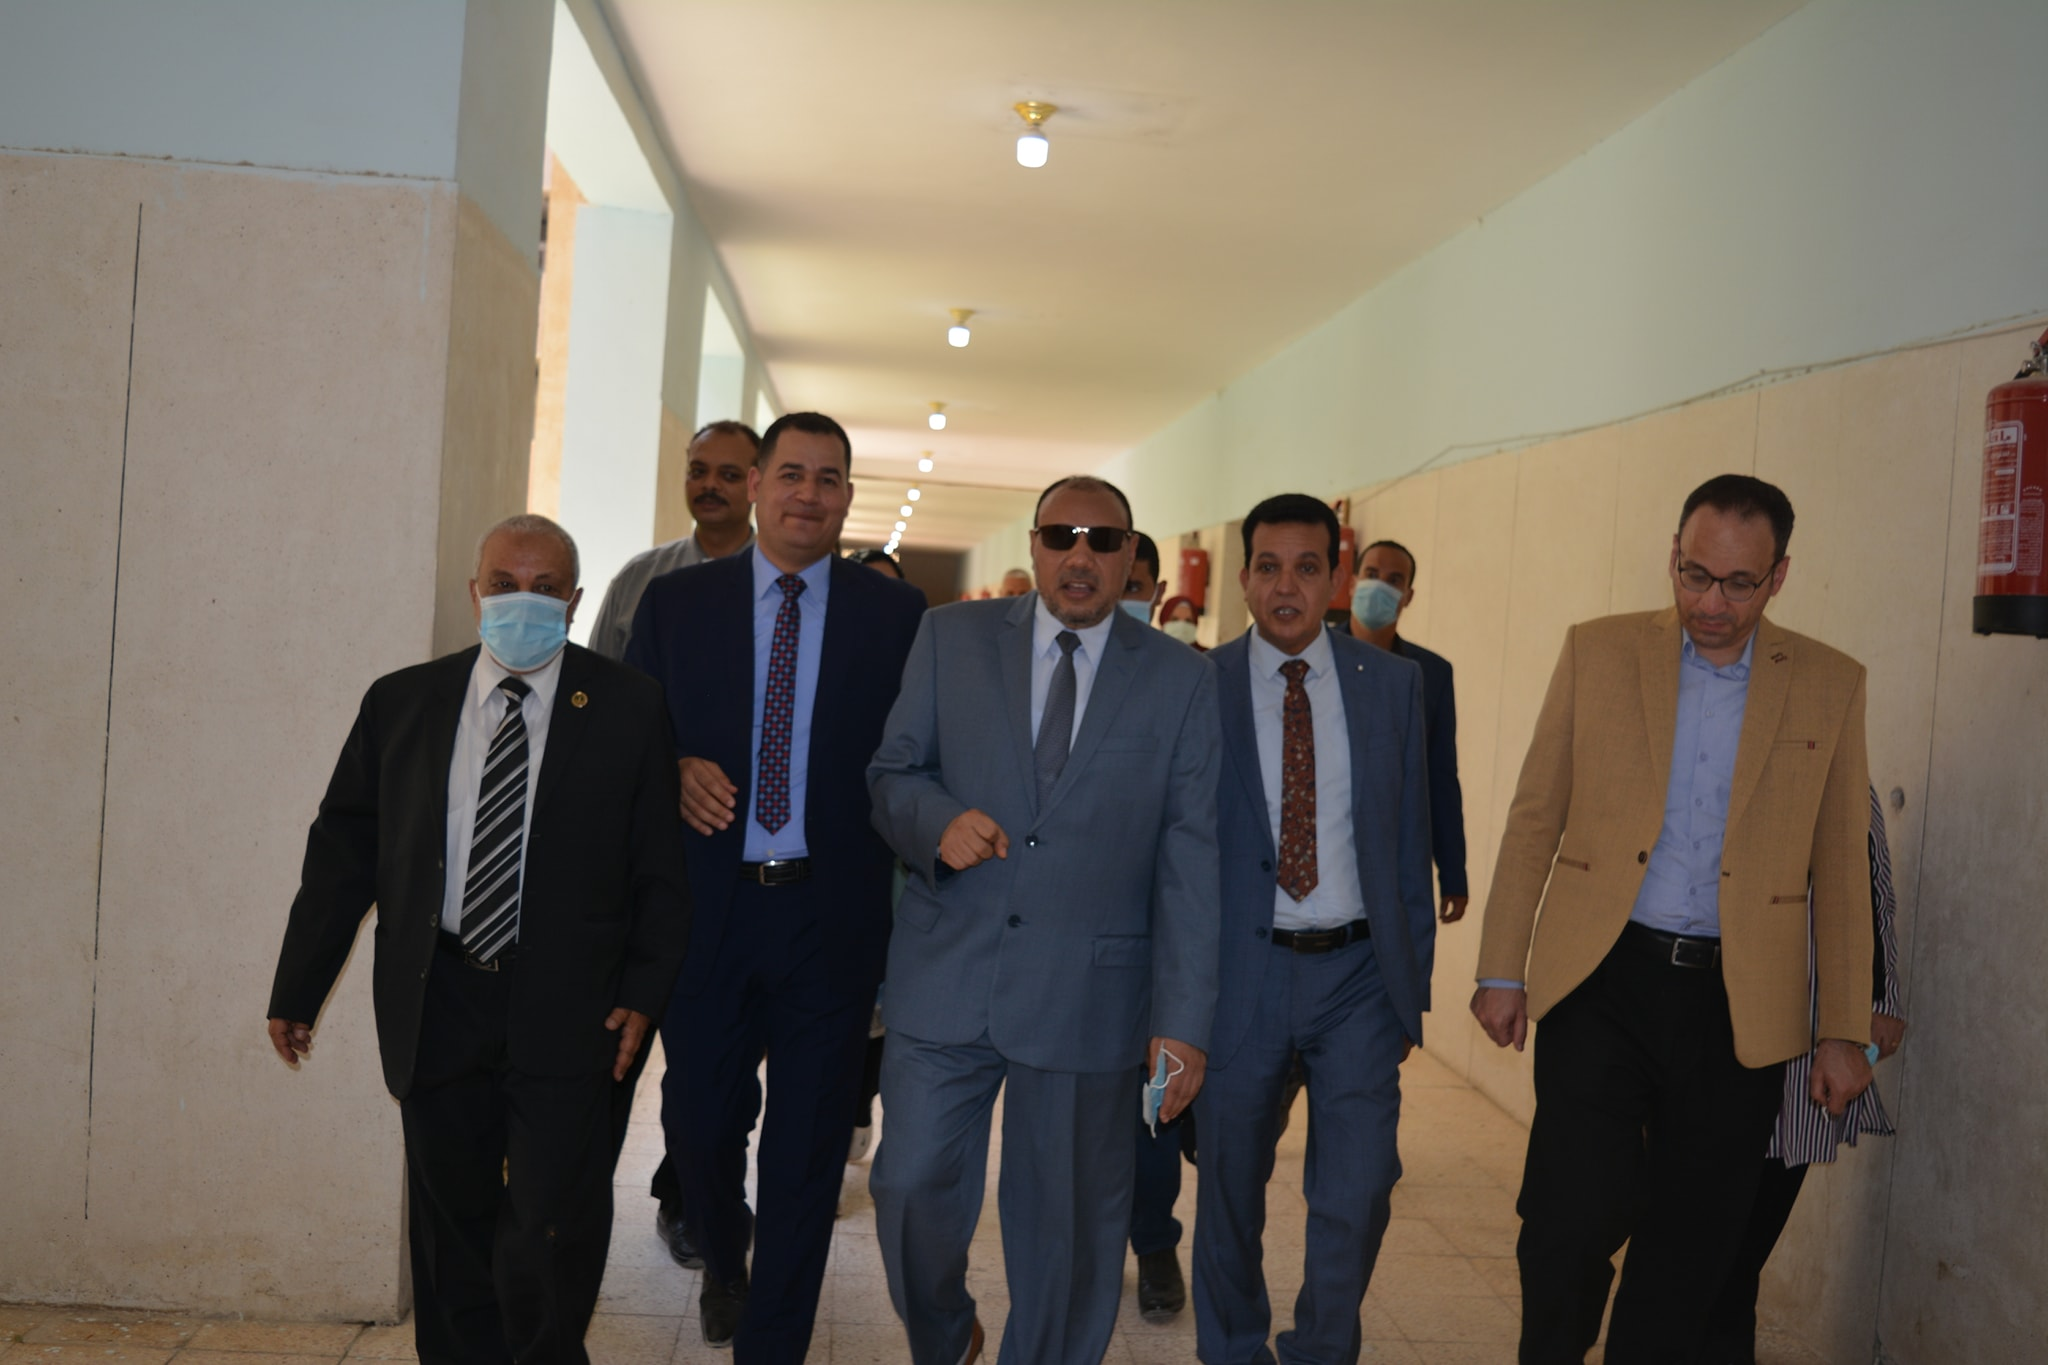 نائب رئيس جامعة الأزهر يتفقد إدارات العمل وبعض المنشآت بكلية البنات بالمنيا